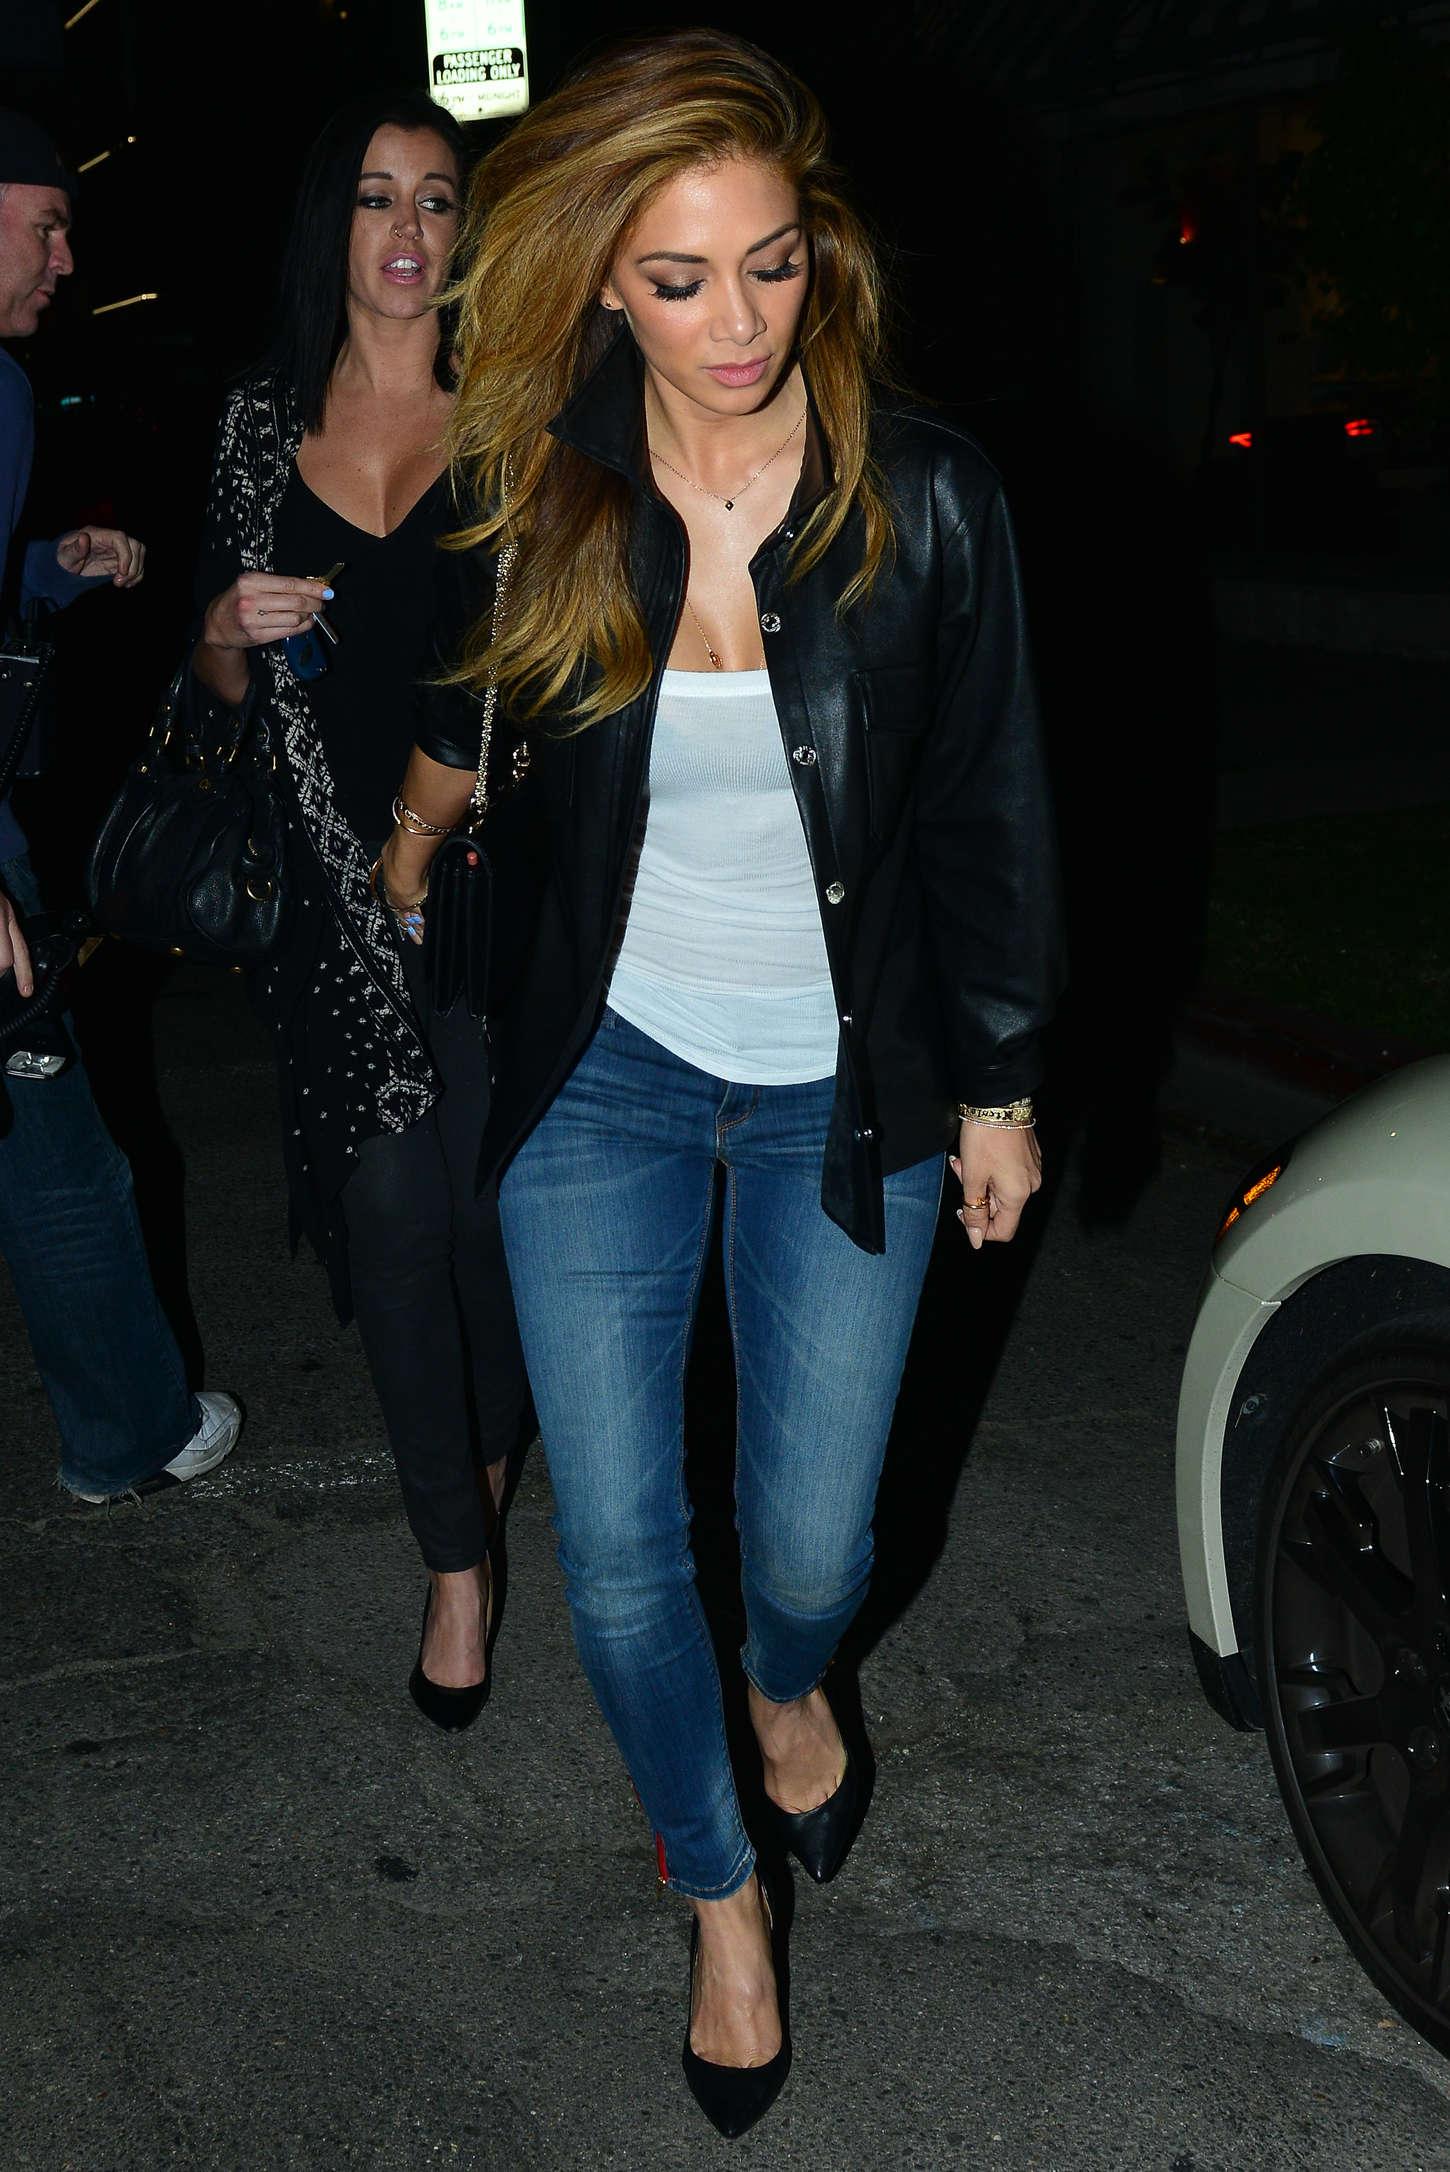 Nicole Scherzinger in Jeans - Leaving The Nice Guy in LA